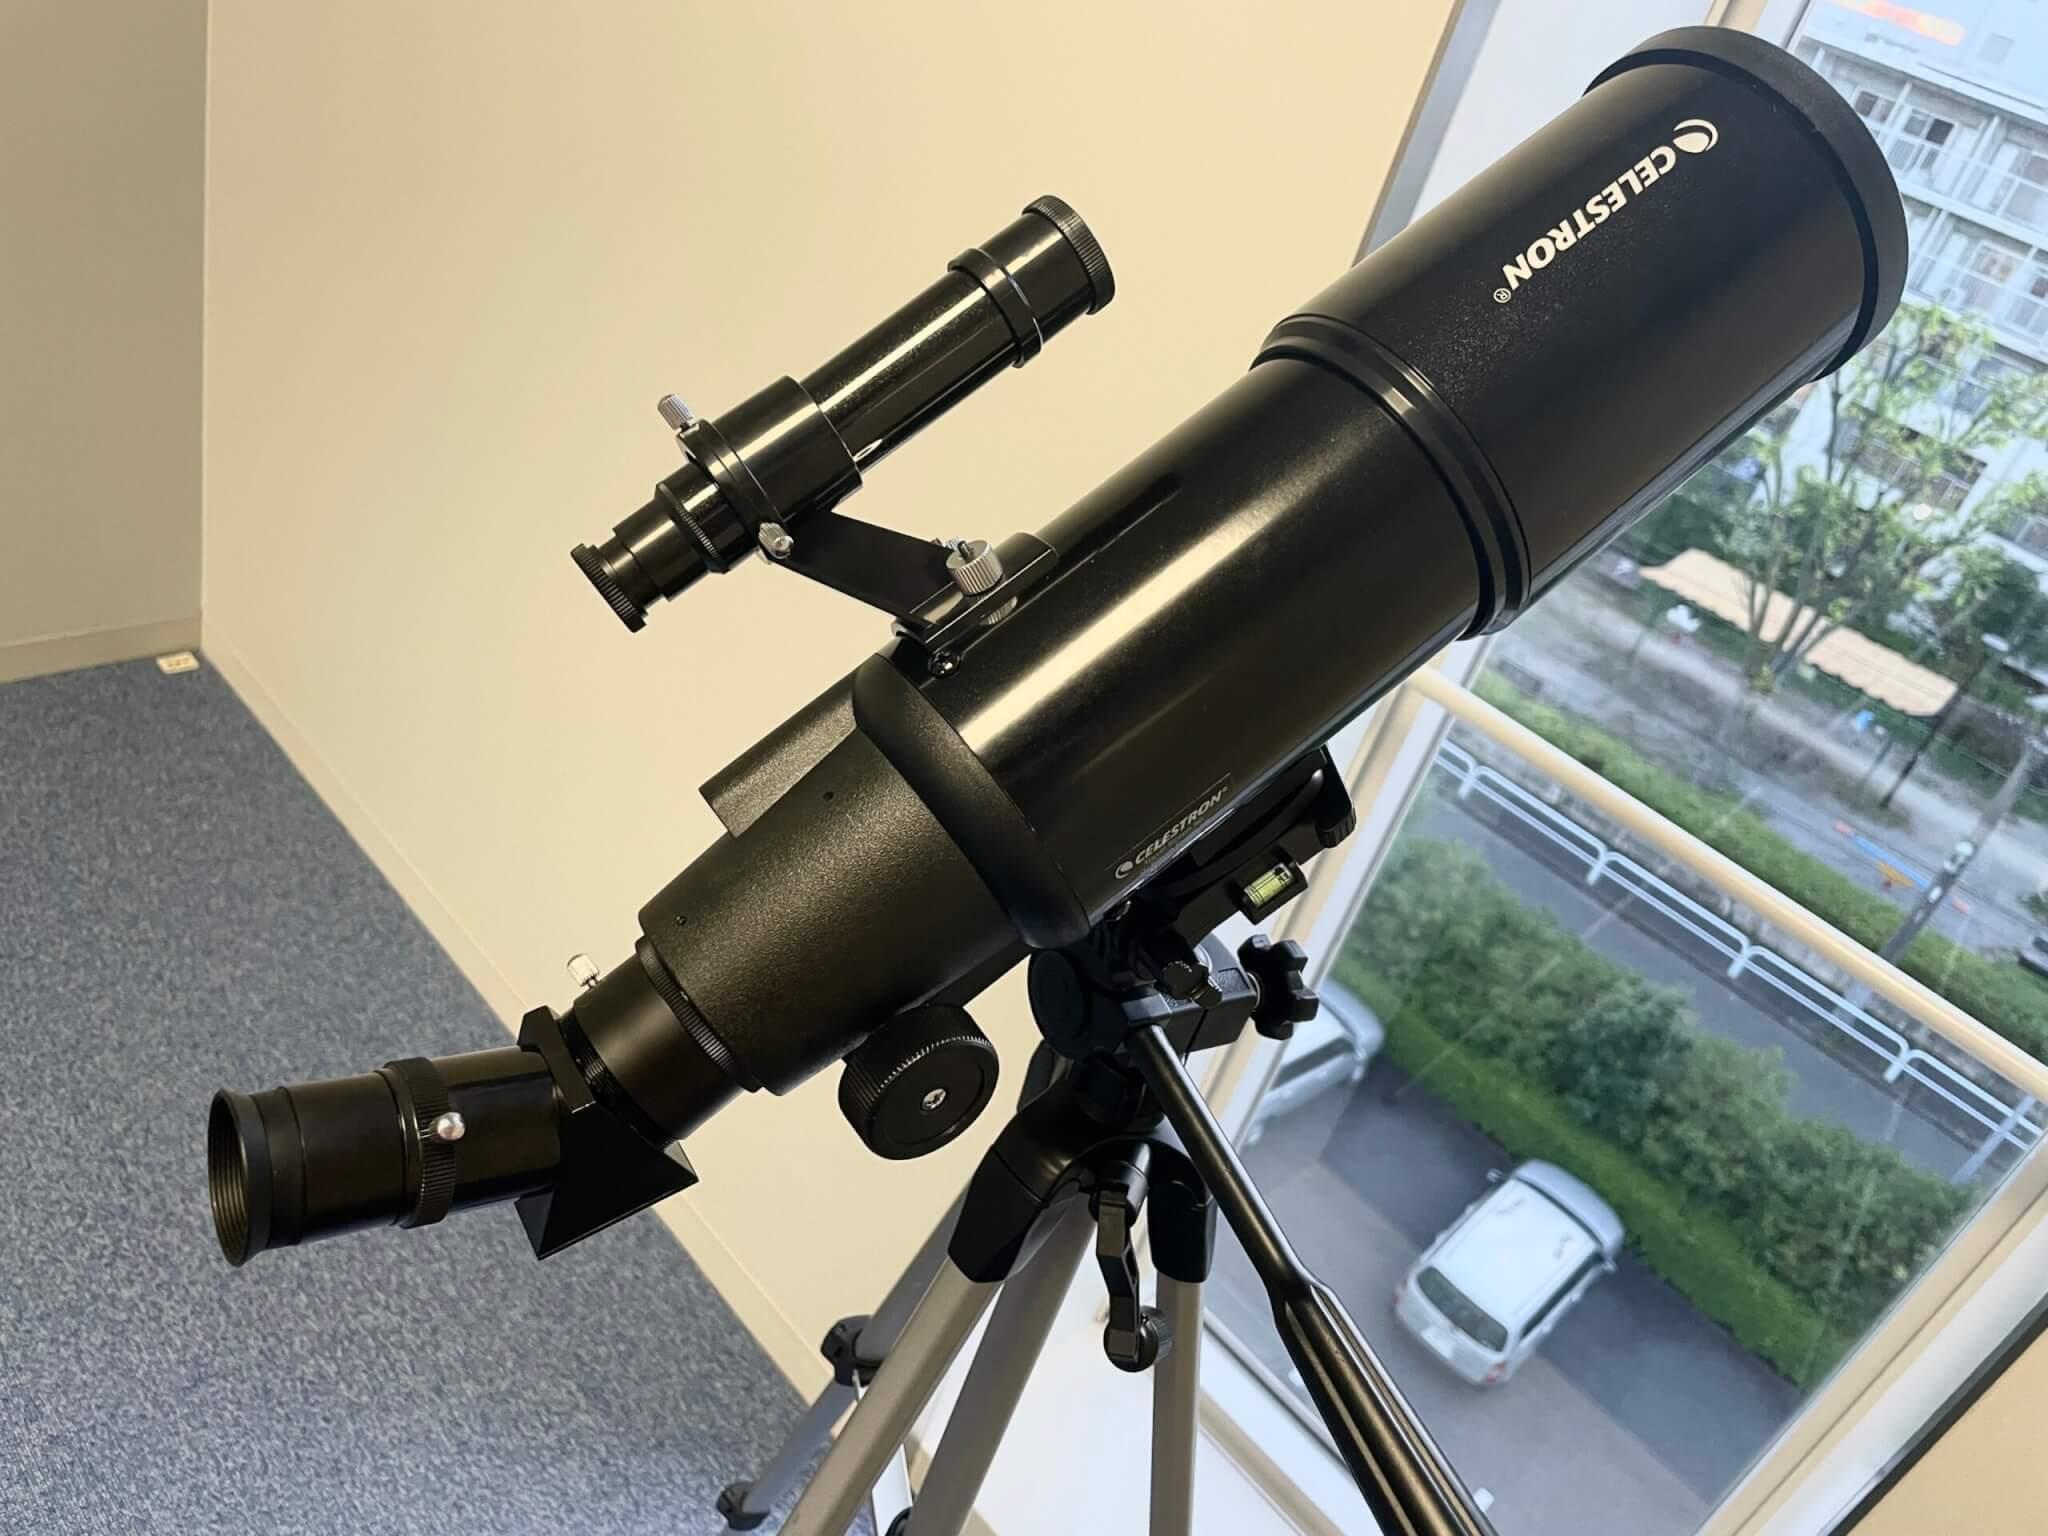 セレストロン「Travel Scope 80 with BP & SPH」を実機レビュー!手軽に持ち運べる天体望遠鏡の入門機